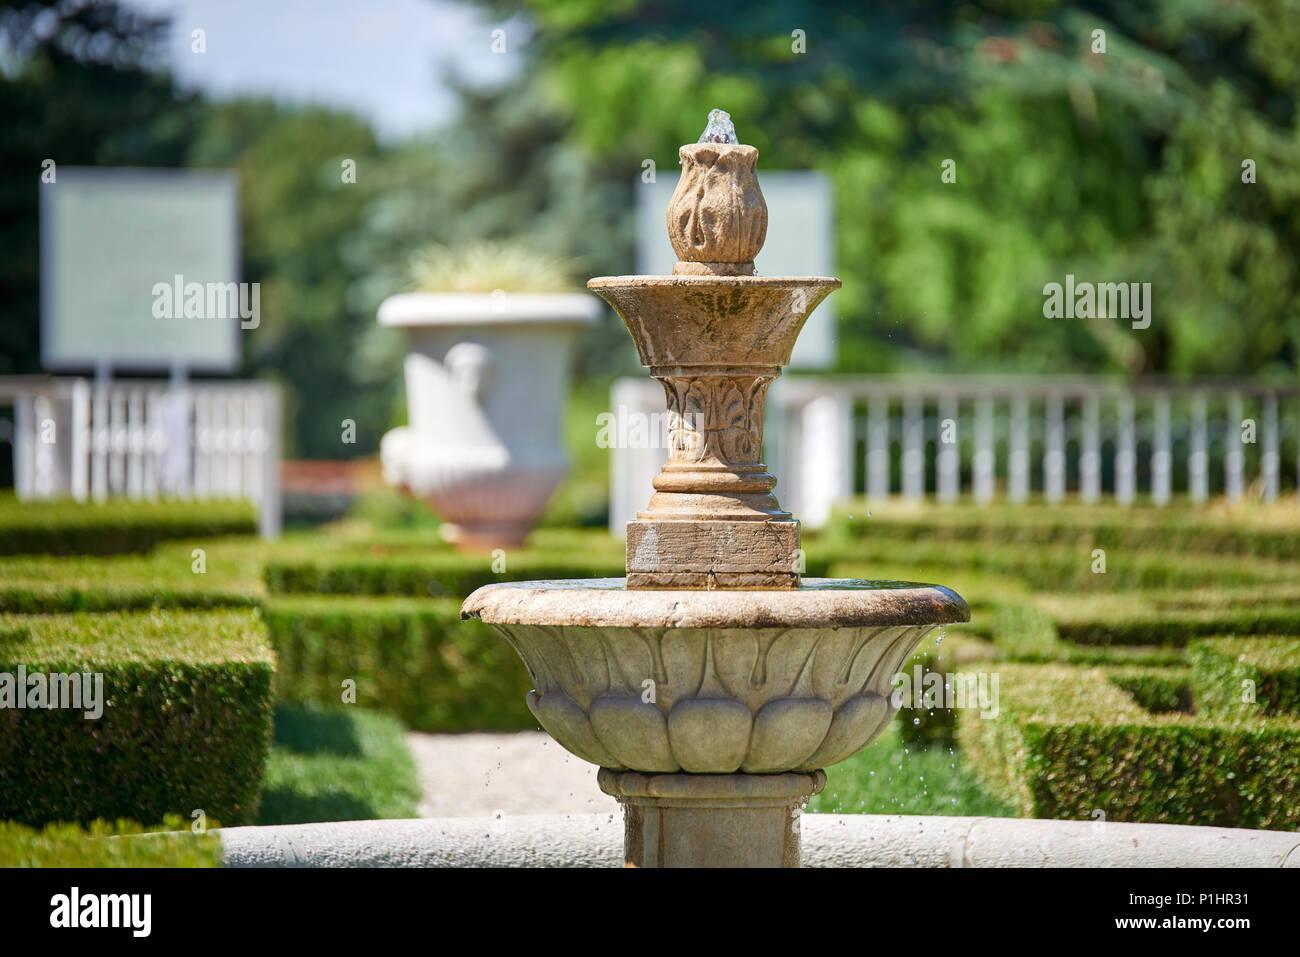 Giardino Botanico Di Seana Secolo Xix La Slovenia A Anni Vecchio Cedro.